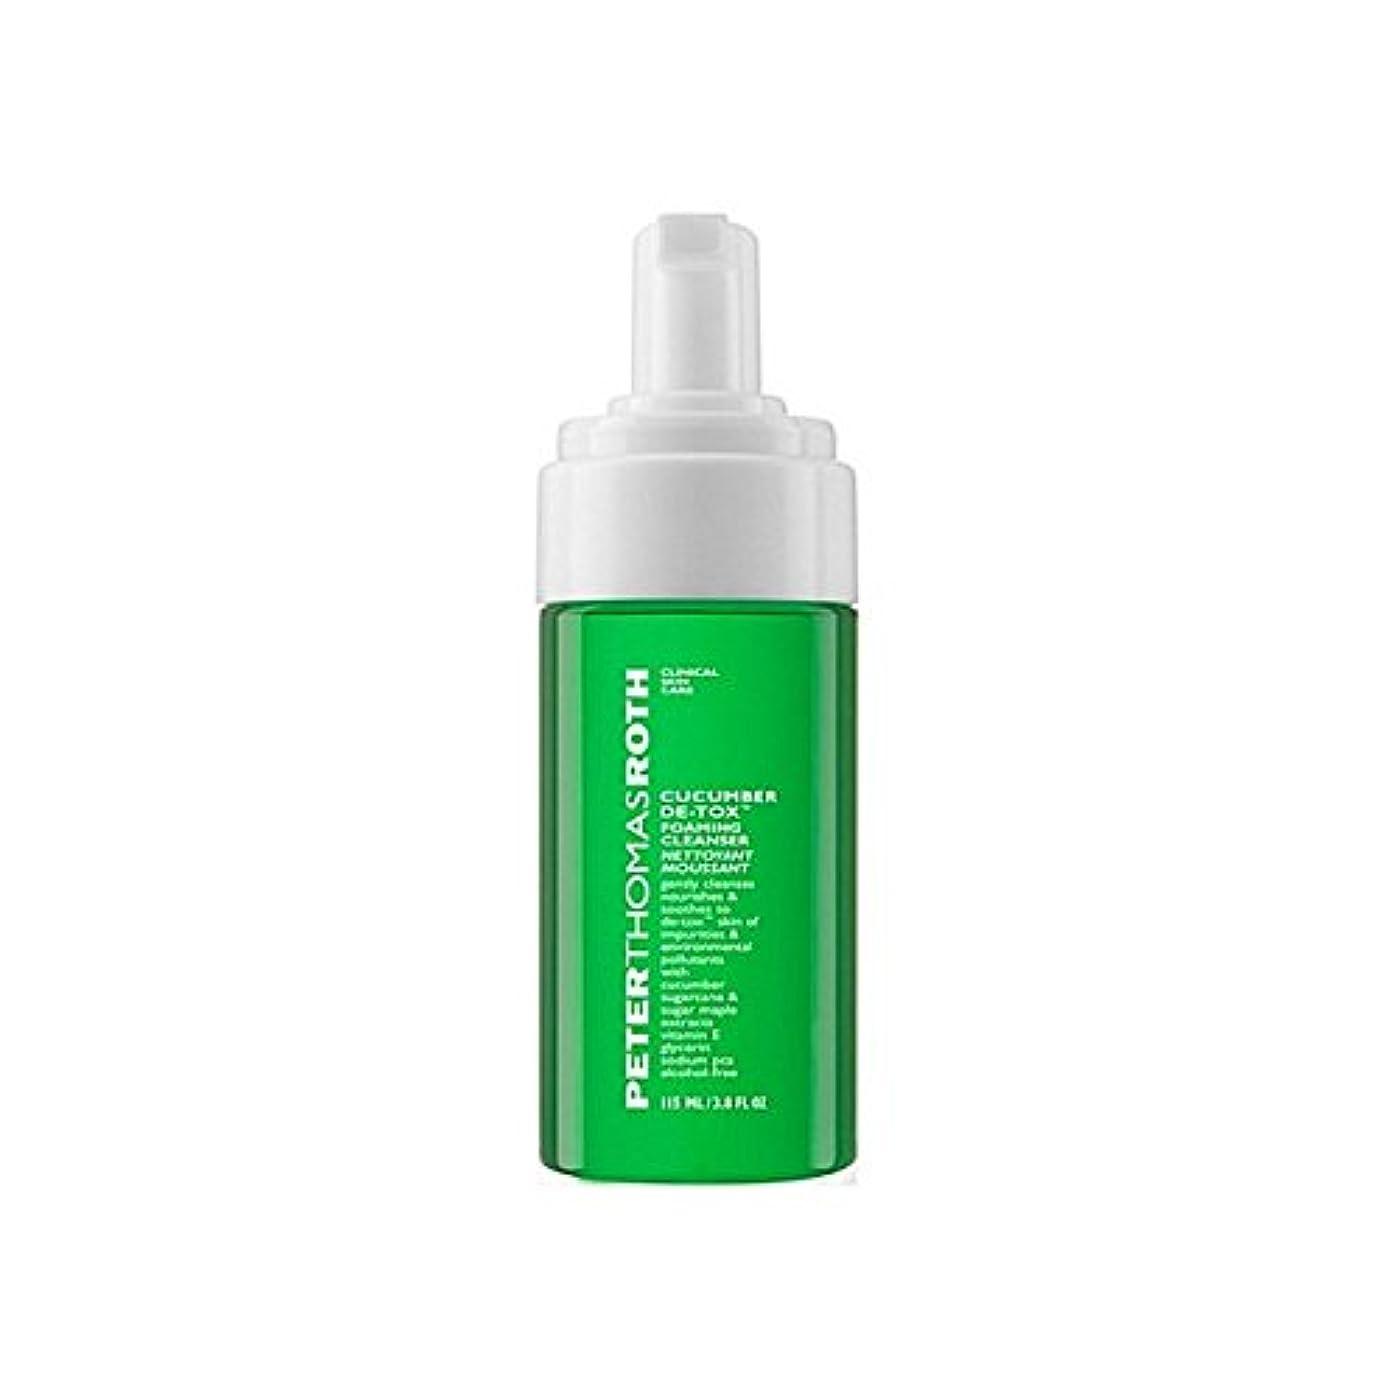 費やすもっともらしい無一文Peter Thomas Roth Cucumber De-Tox Foaming Cleanser (Pack of 6) - ピータートーマスロスキュウリデ発泡クレンザー x6 [並行輸入品]